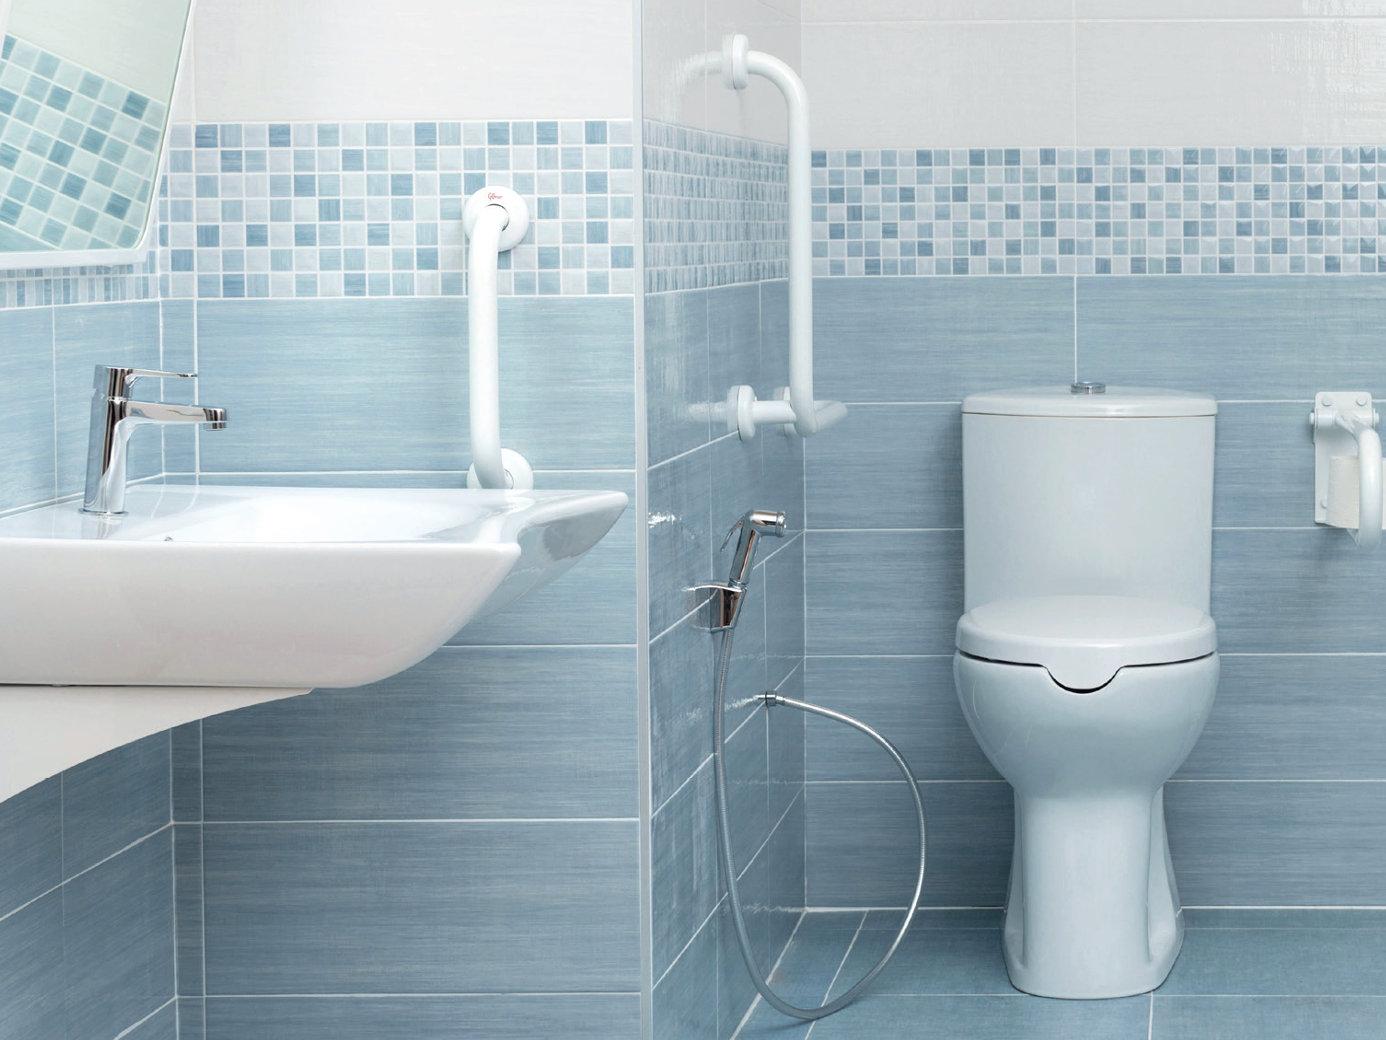 Bagni disabili anziani bagno per disabili - Accessori bagno disabili ...